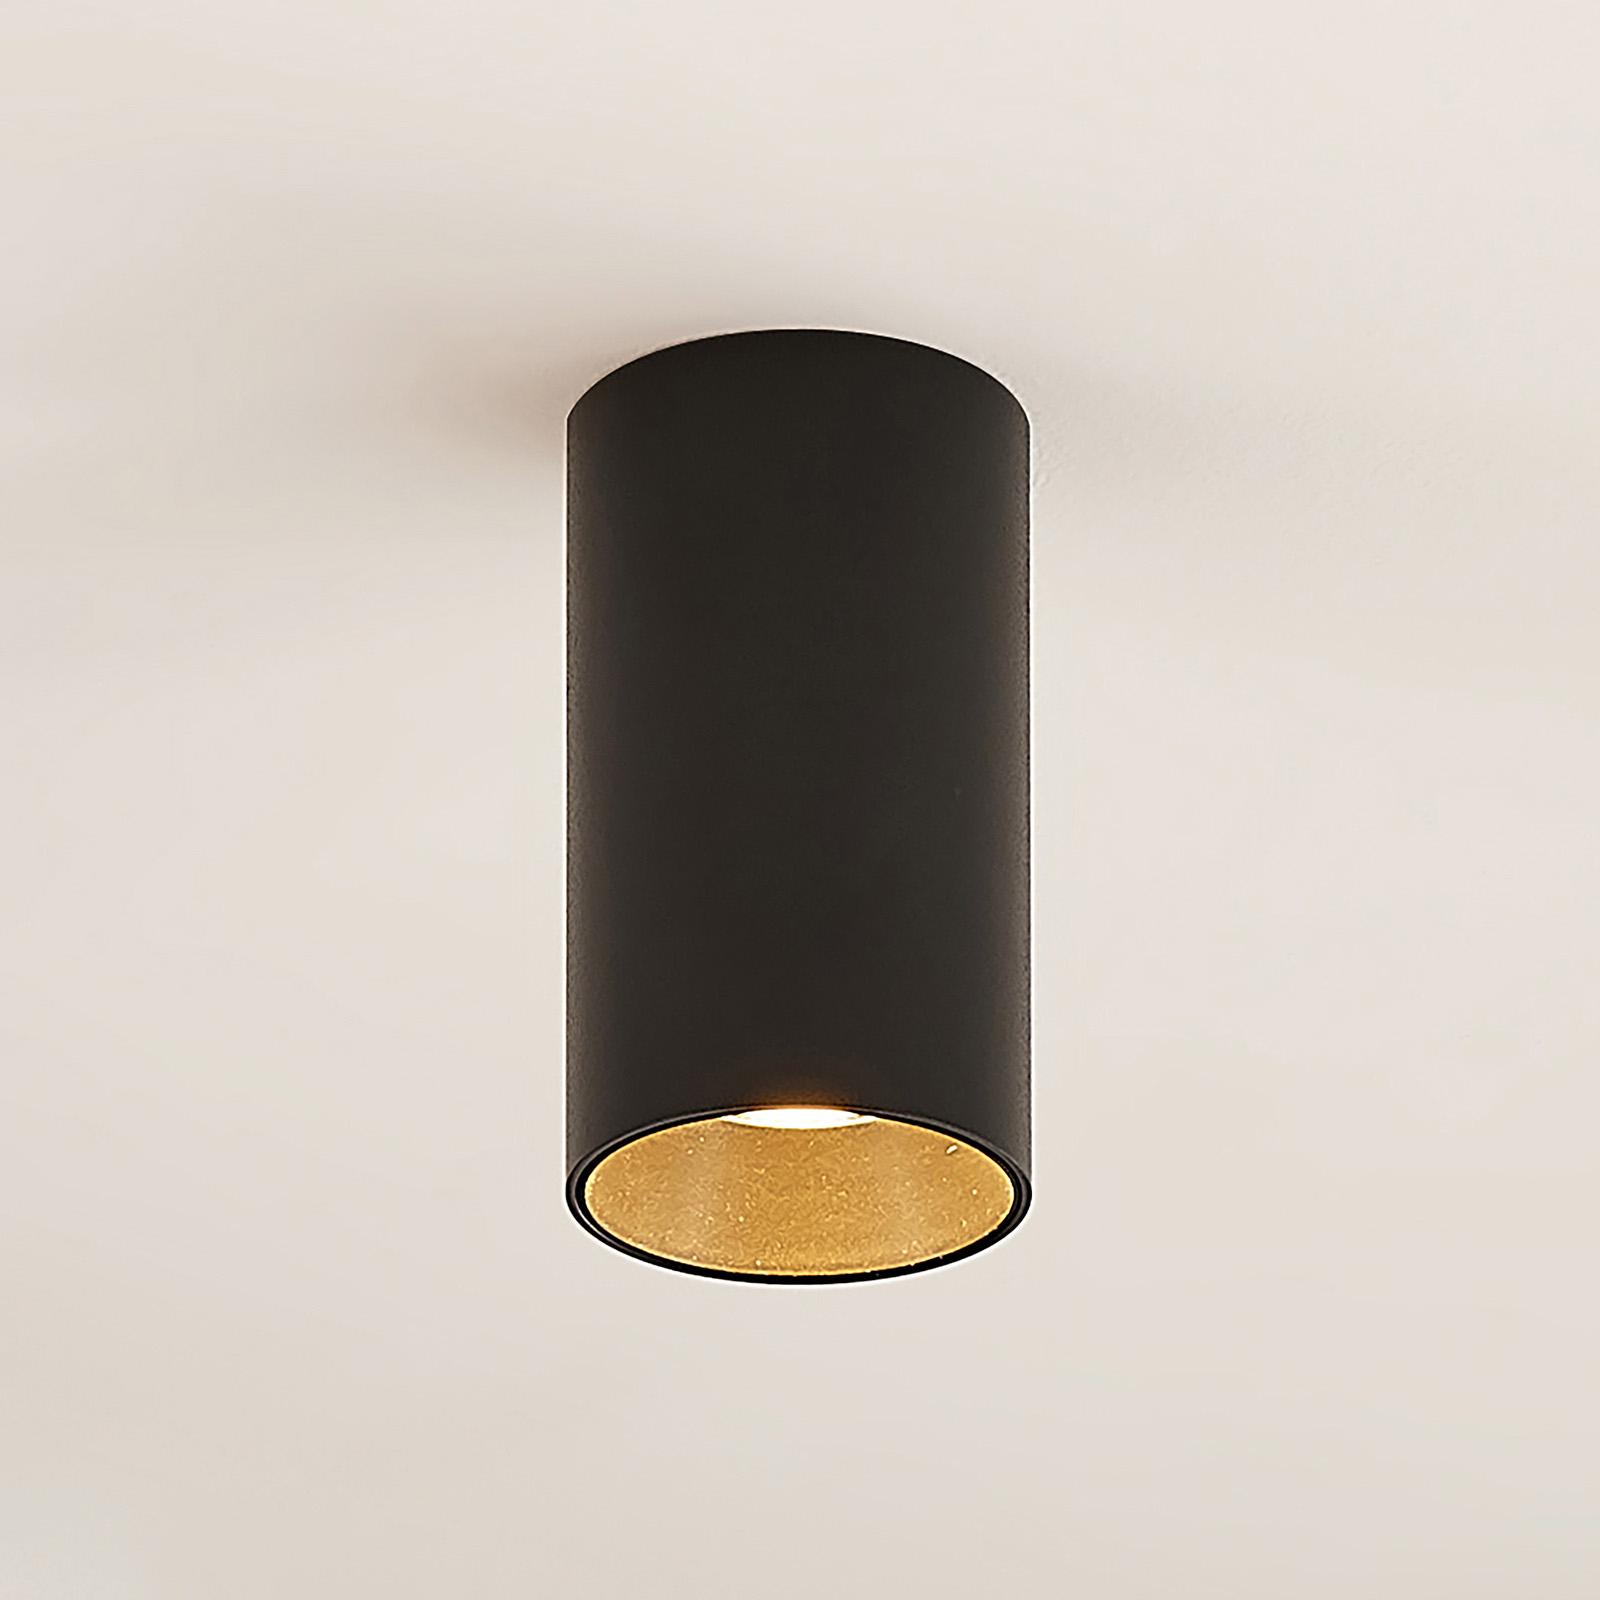 Arcchio Dilana Downlight, rund, GU10, schwarz